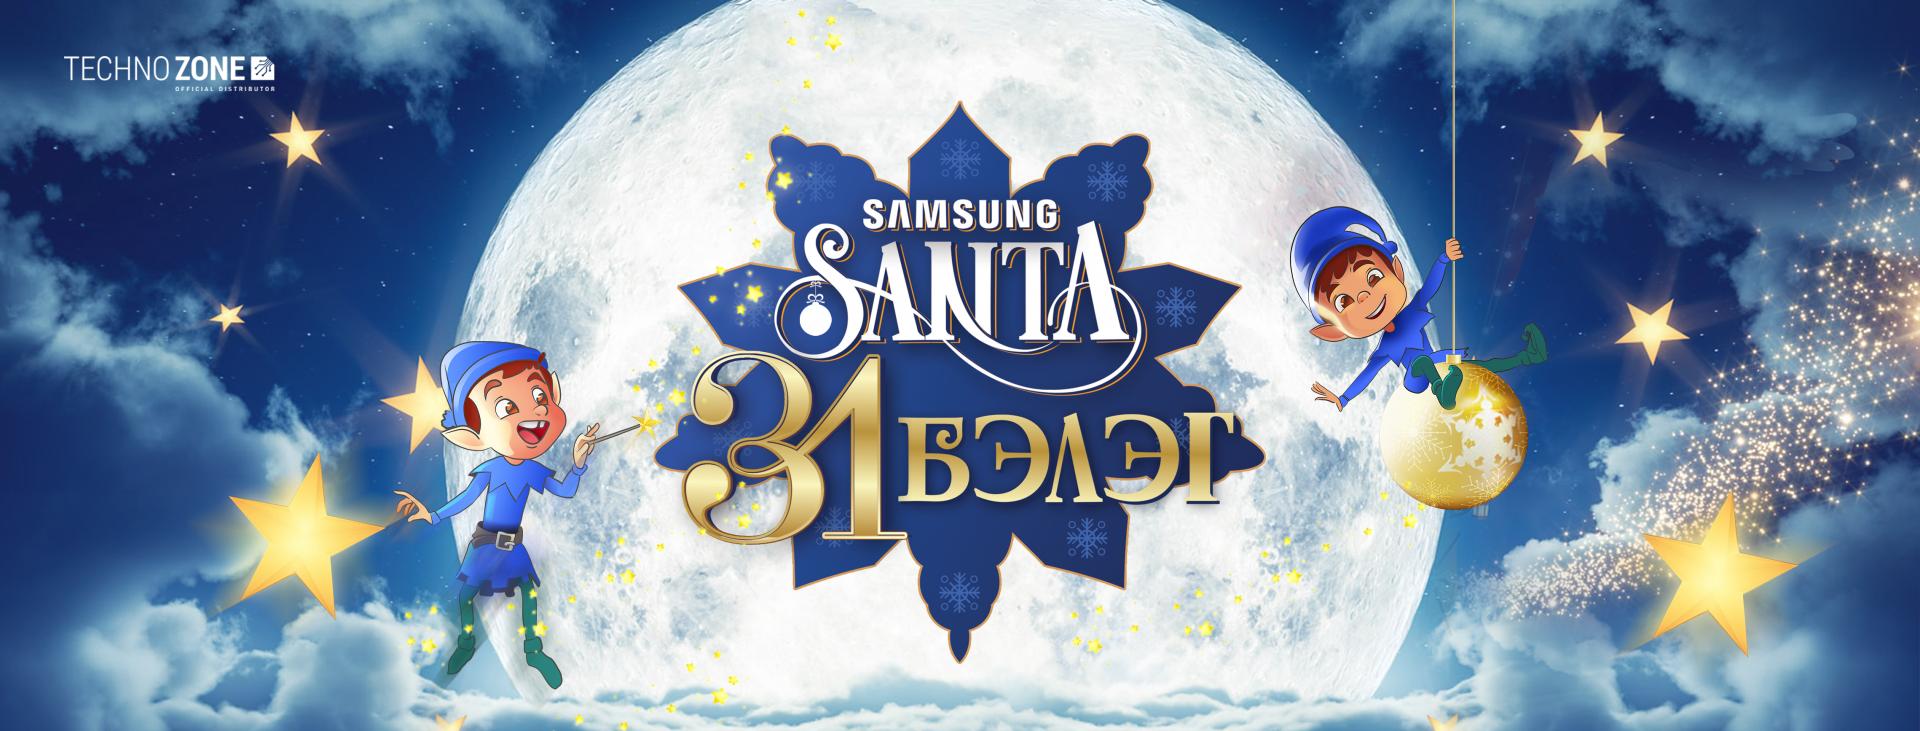 Samsung Santa-ийн гайхамшигт 31 бэлэг